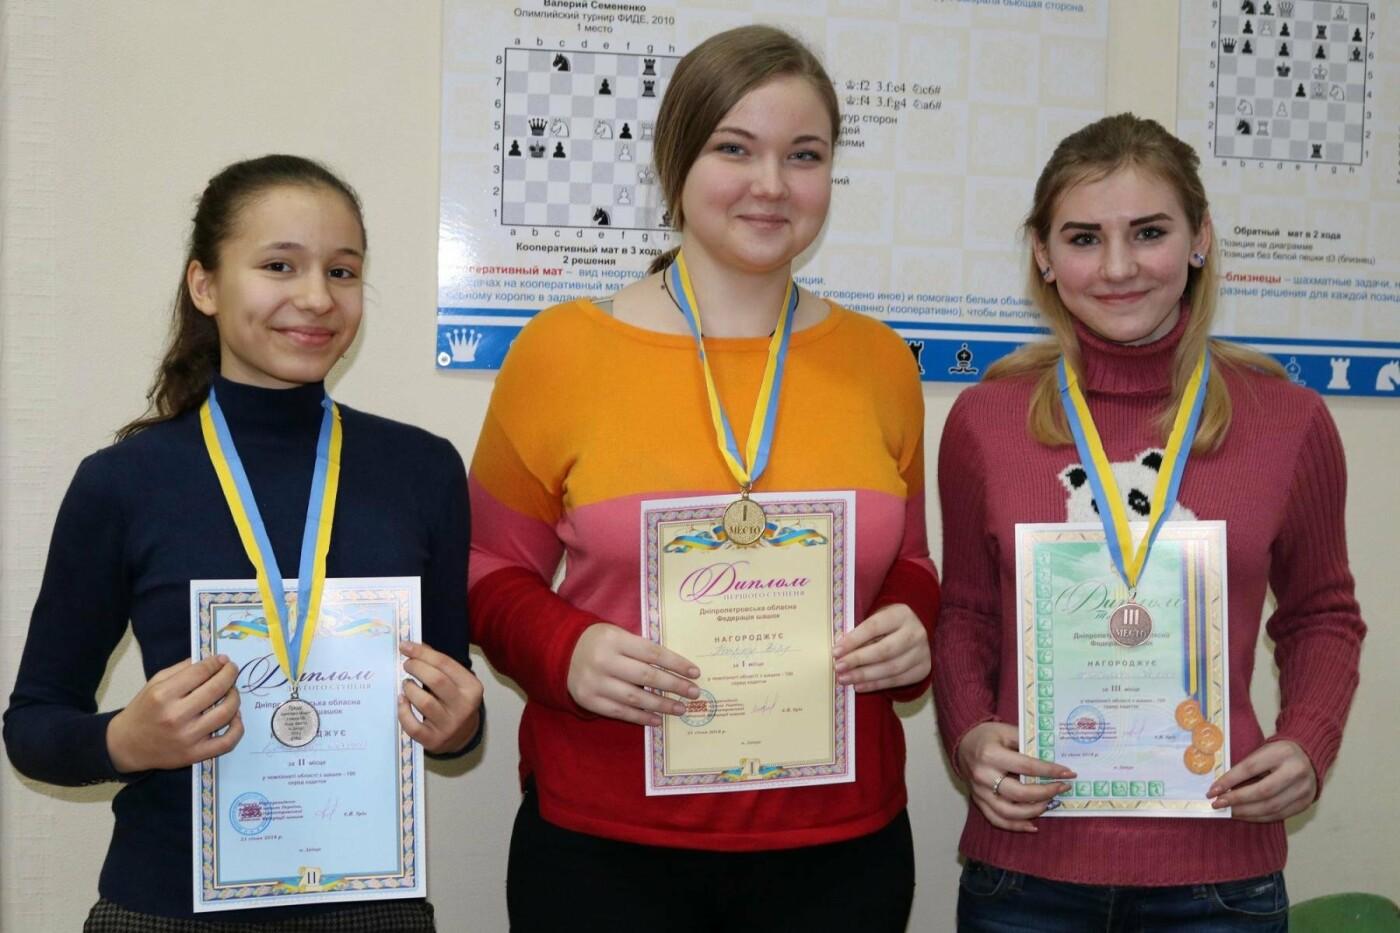 25 медалей: каменчане выступили на чемпионате области по шашкам, фото-3